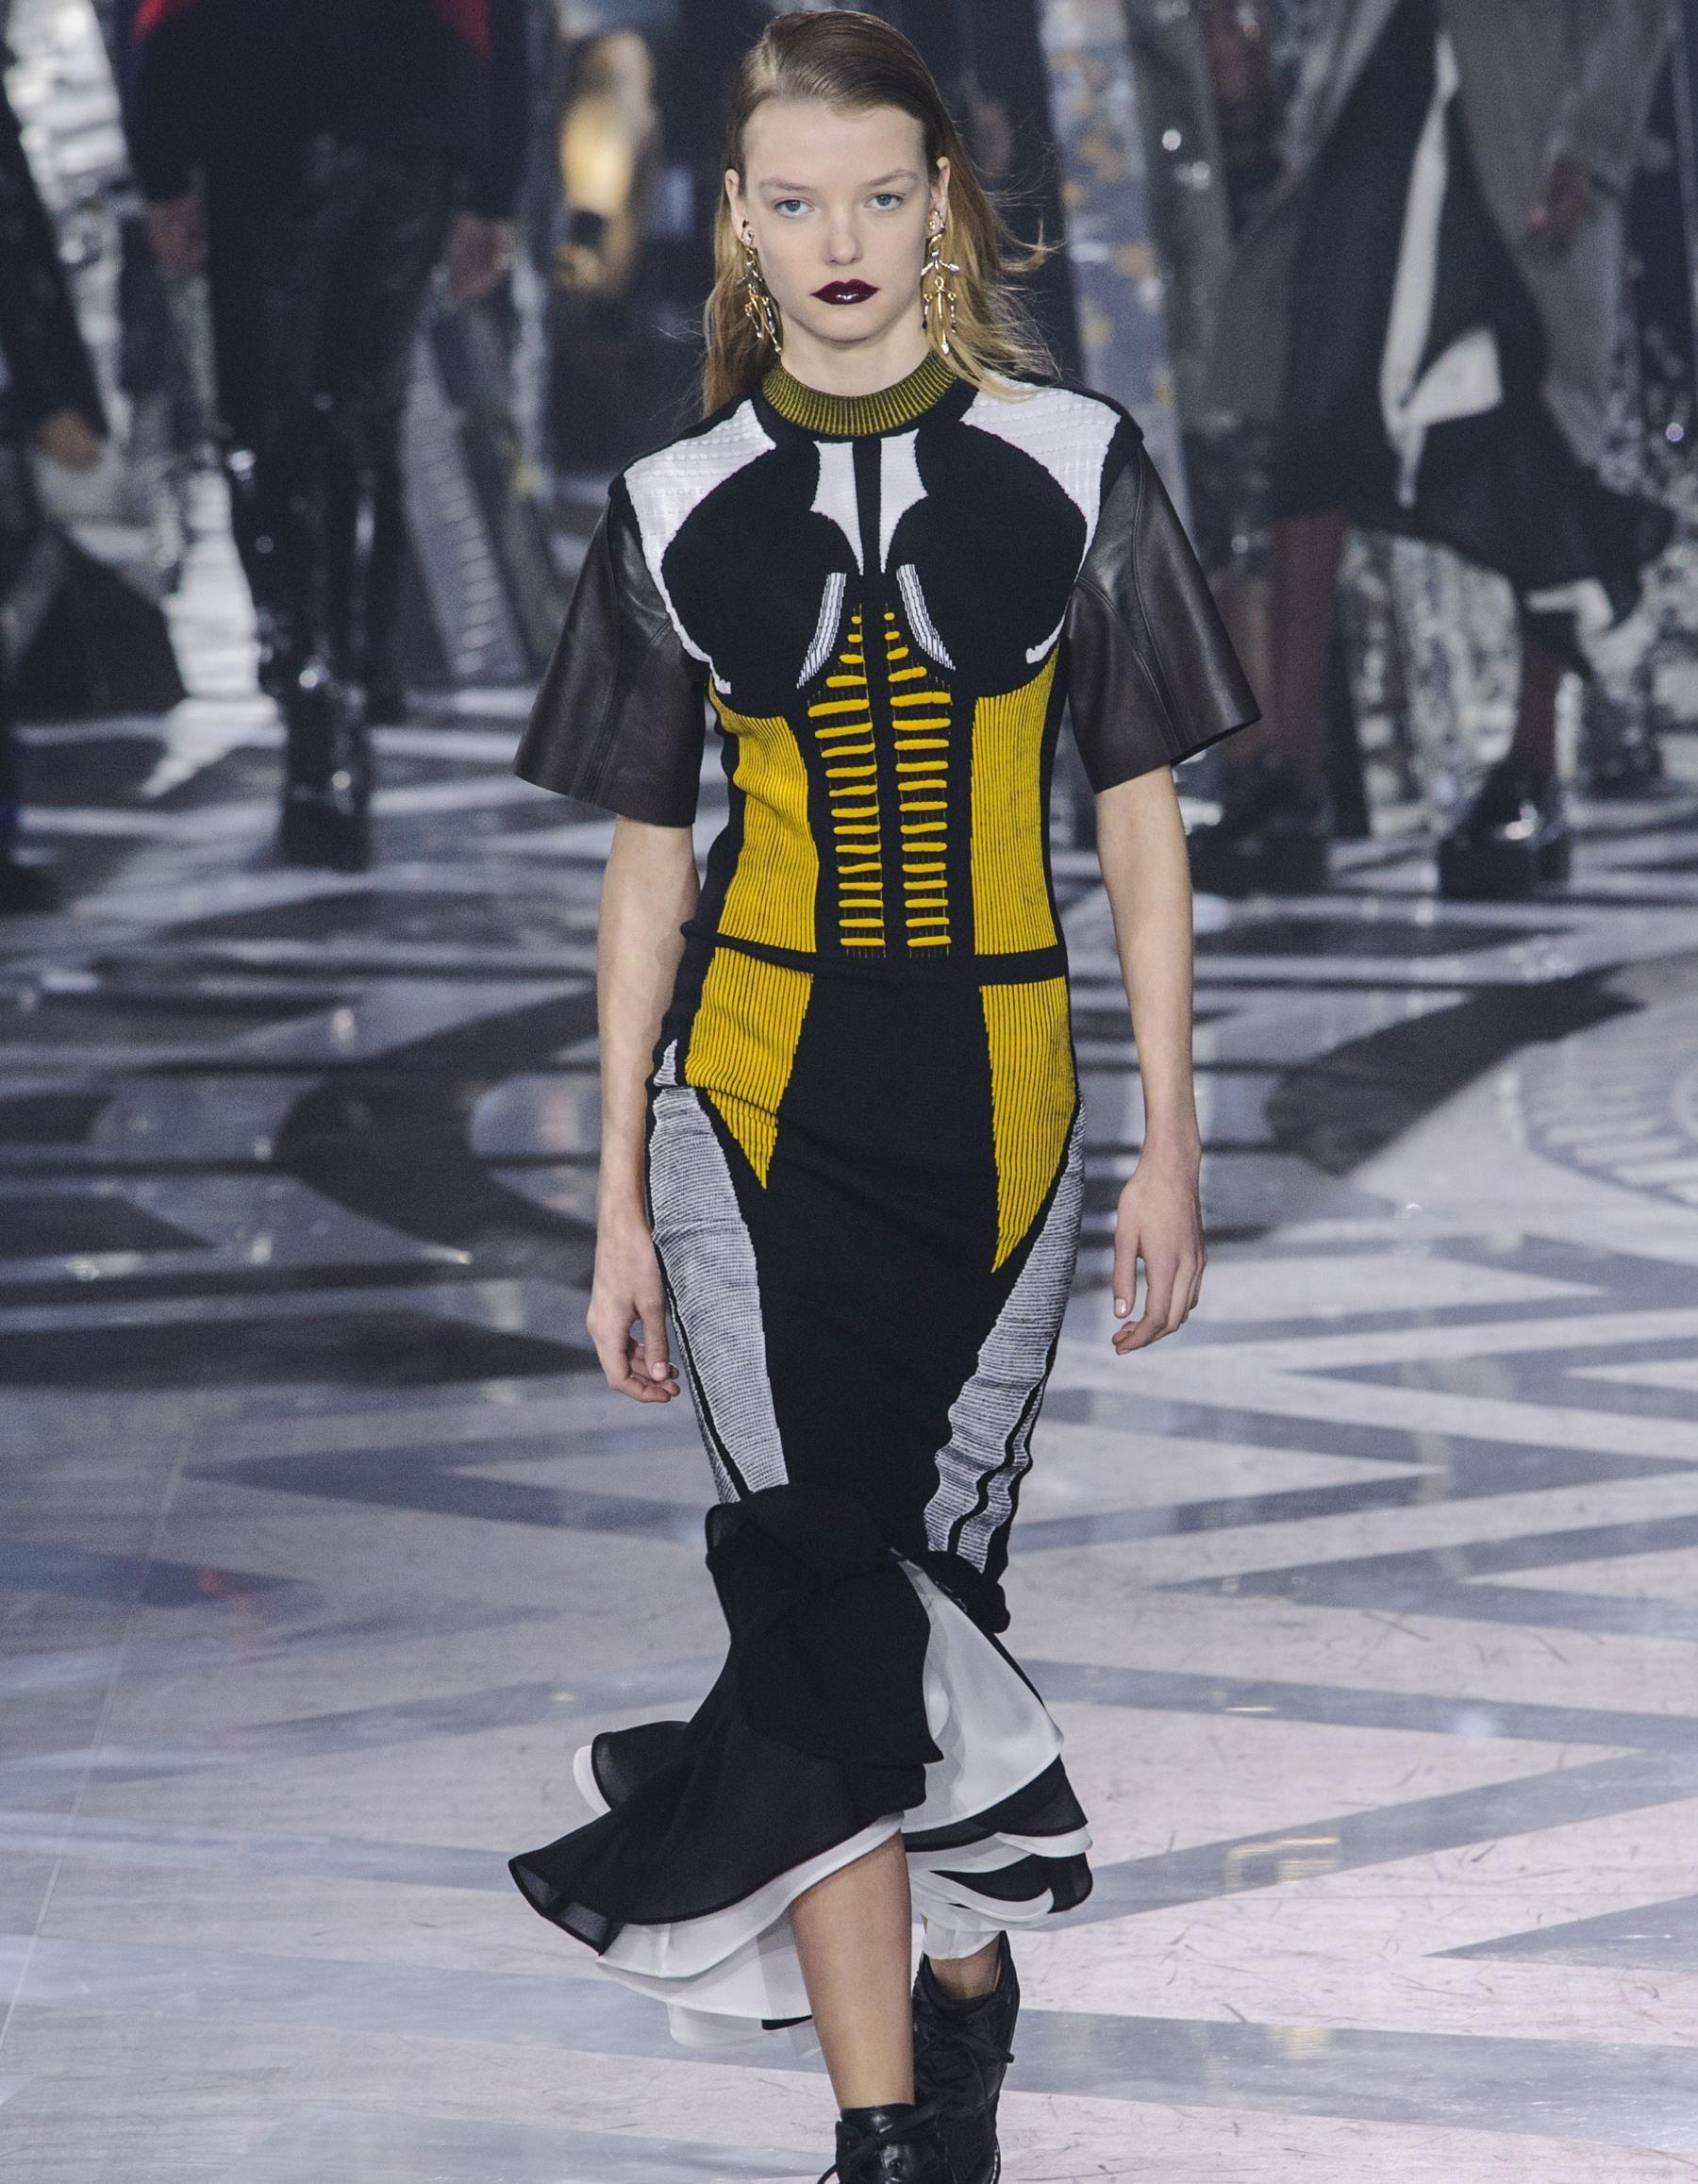 Fashion Week : les plus beaux looks de la semaine de la mode à Paris